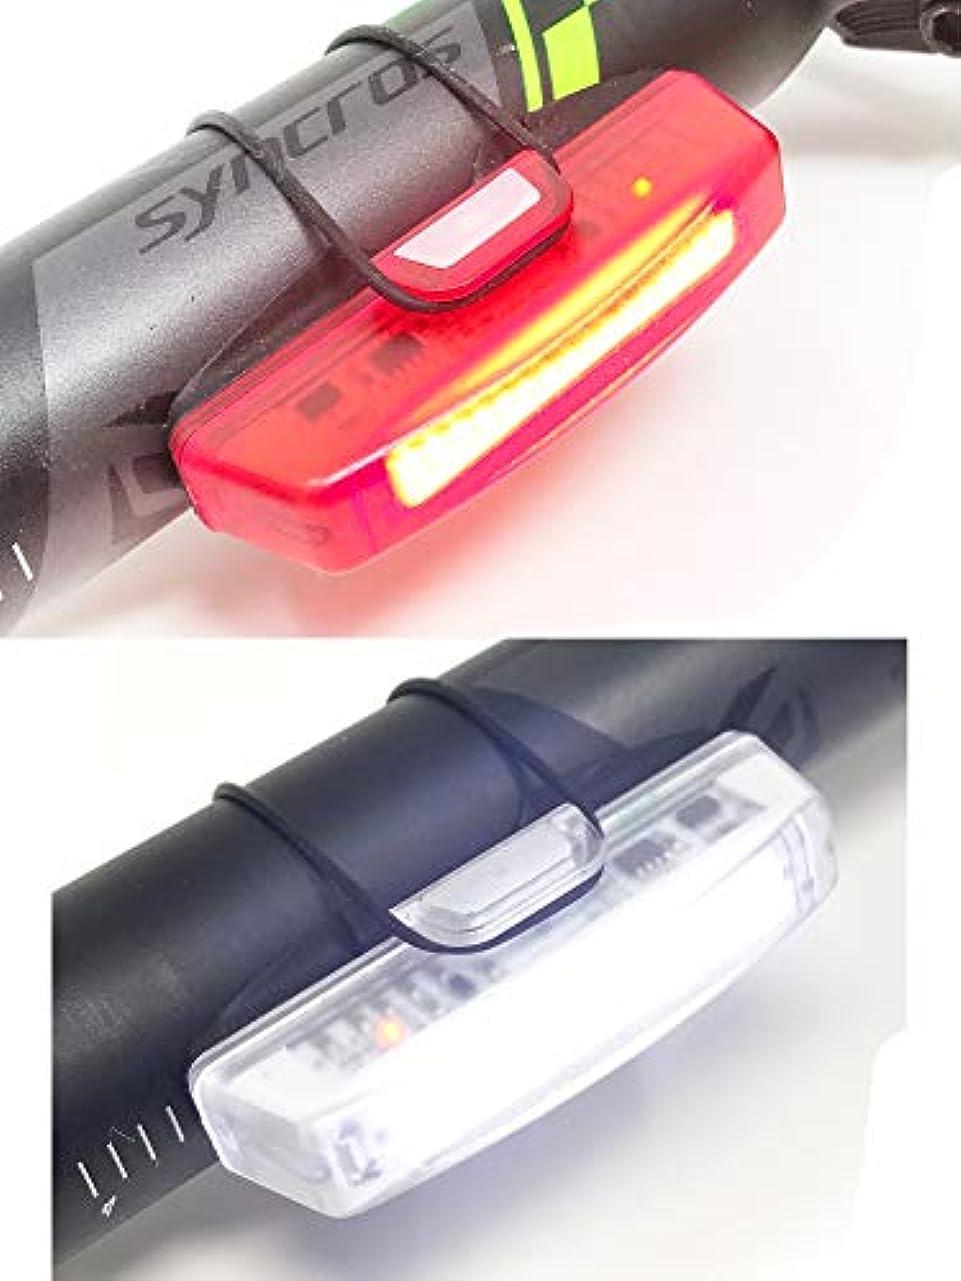 うまくいけば革新配るキャニオンアクセサリーコンボバイクライトスーパーブライト - USBケーブルでテールライトとフロントライト - 充電式 - あらゆるバイクやヘルメットにフィット - 防水IPX4-6ライトモードオプション